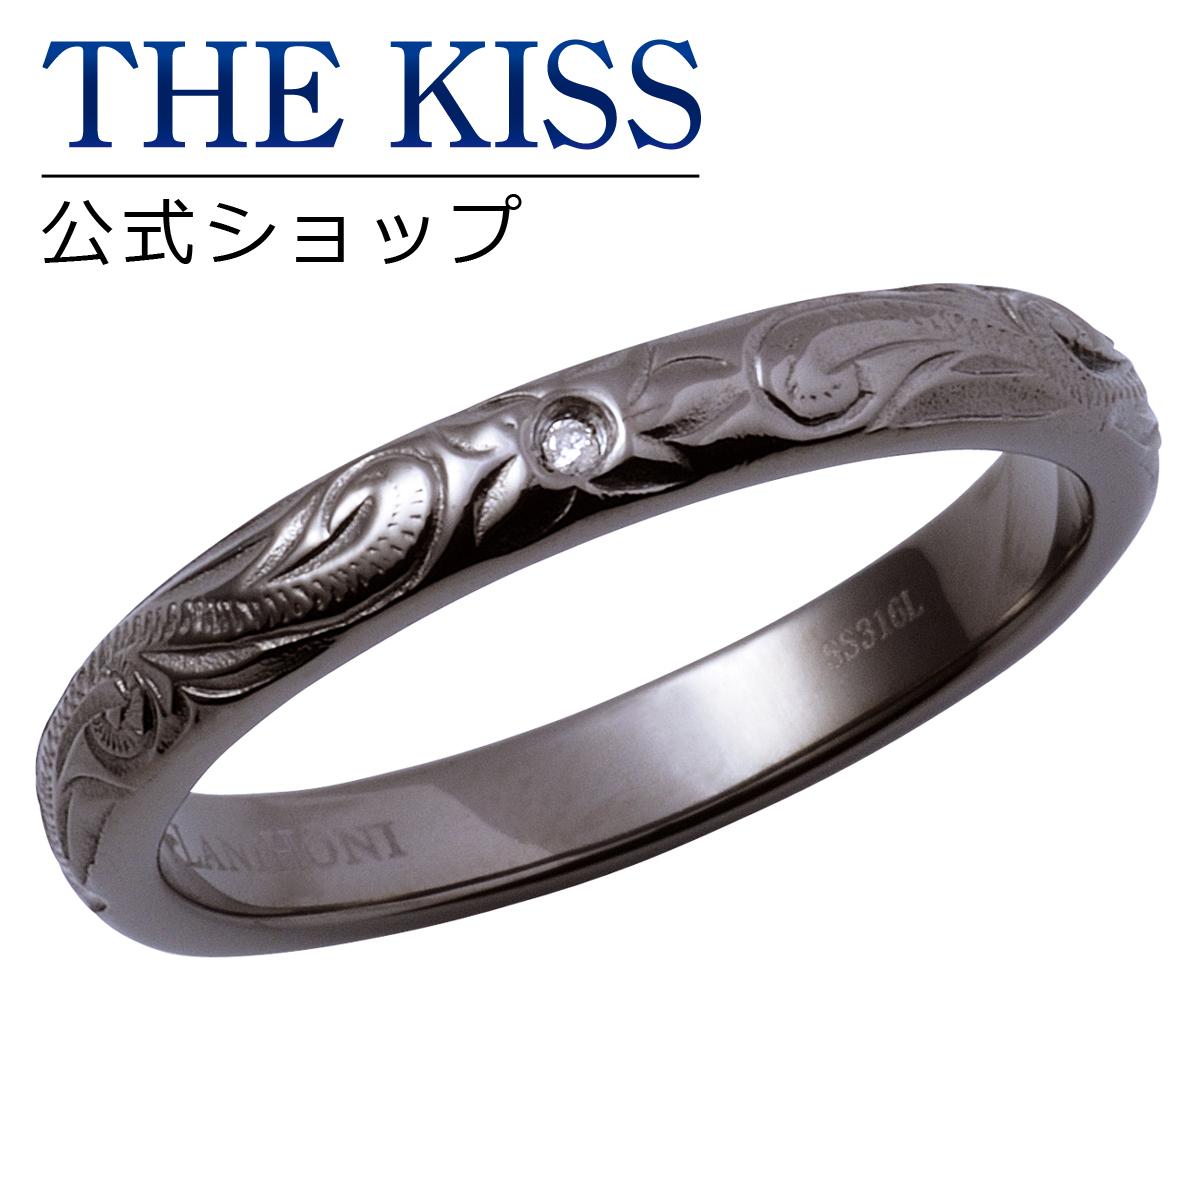 【あす楽対応】THE KISS 公式サイト ペアリング ステンレス ハワイアン ( メンズ 単品 ) ペアアクセサリー カップル に 人気 の ジュエリーブランド THEKISS ペア リング・指輪 記念日 プレゼント L-R8024DM ザキス 【送料無料】